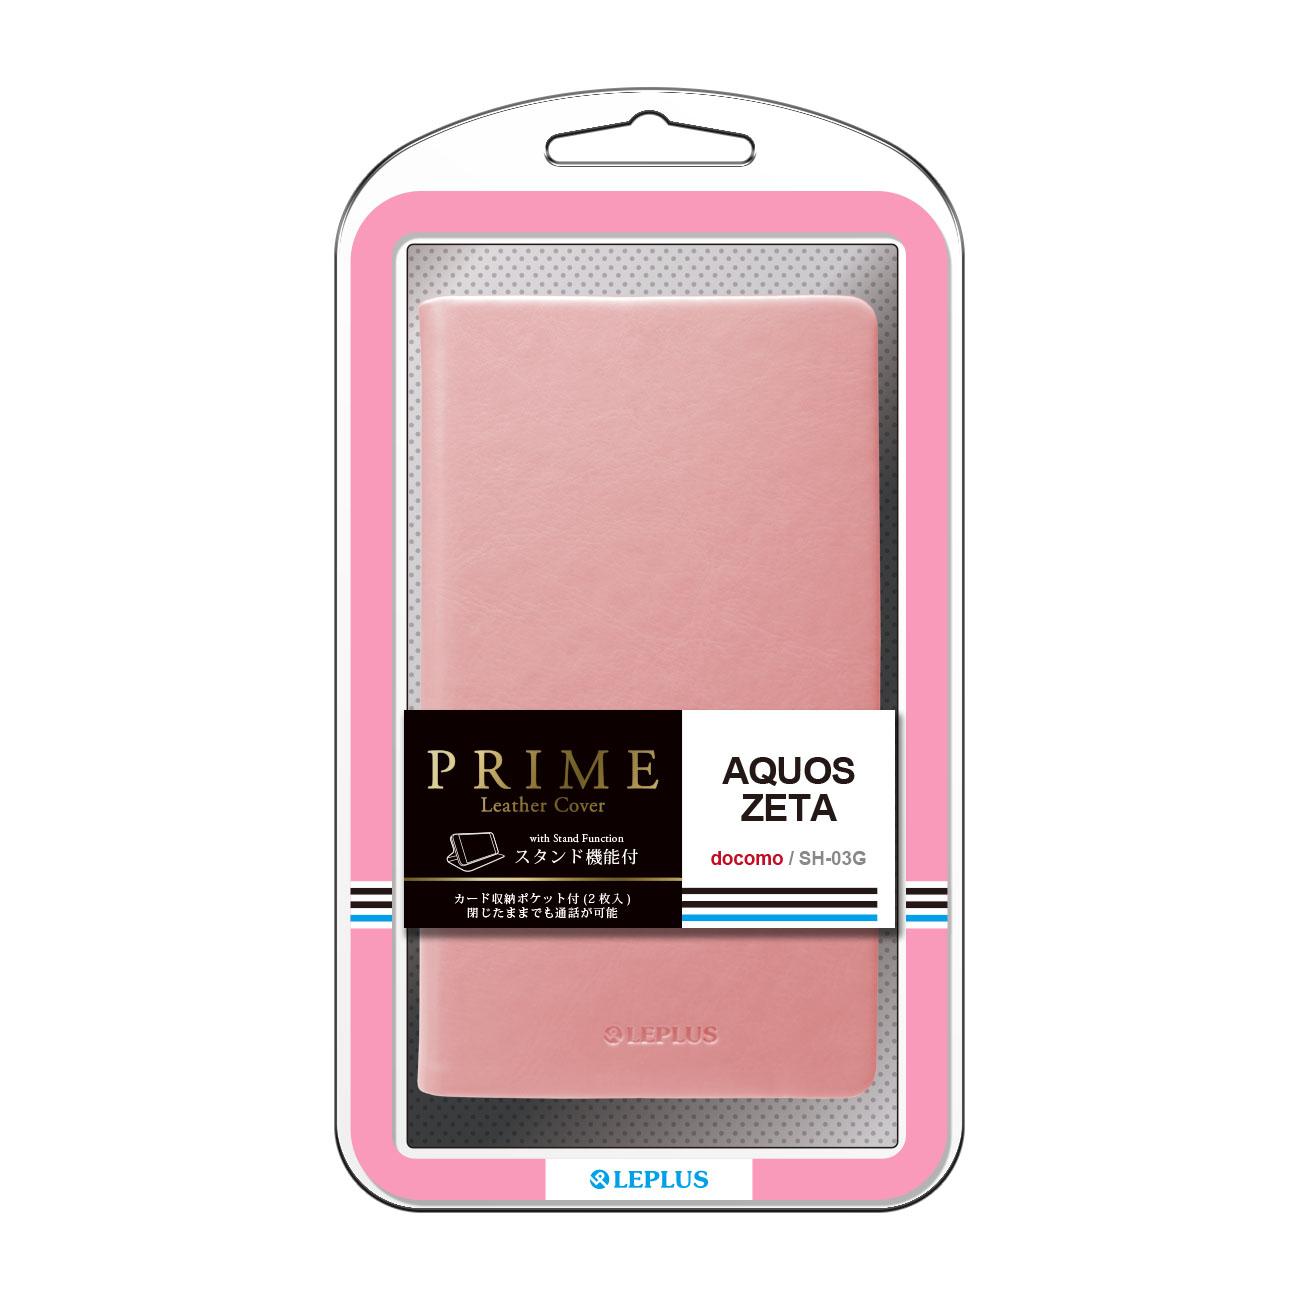 AQUOS ZETA SH-03G ブックタイプPUレザーケース「PRIME」 ピンク